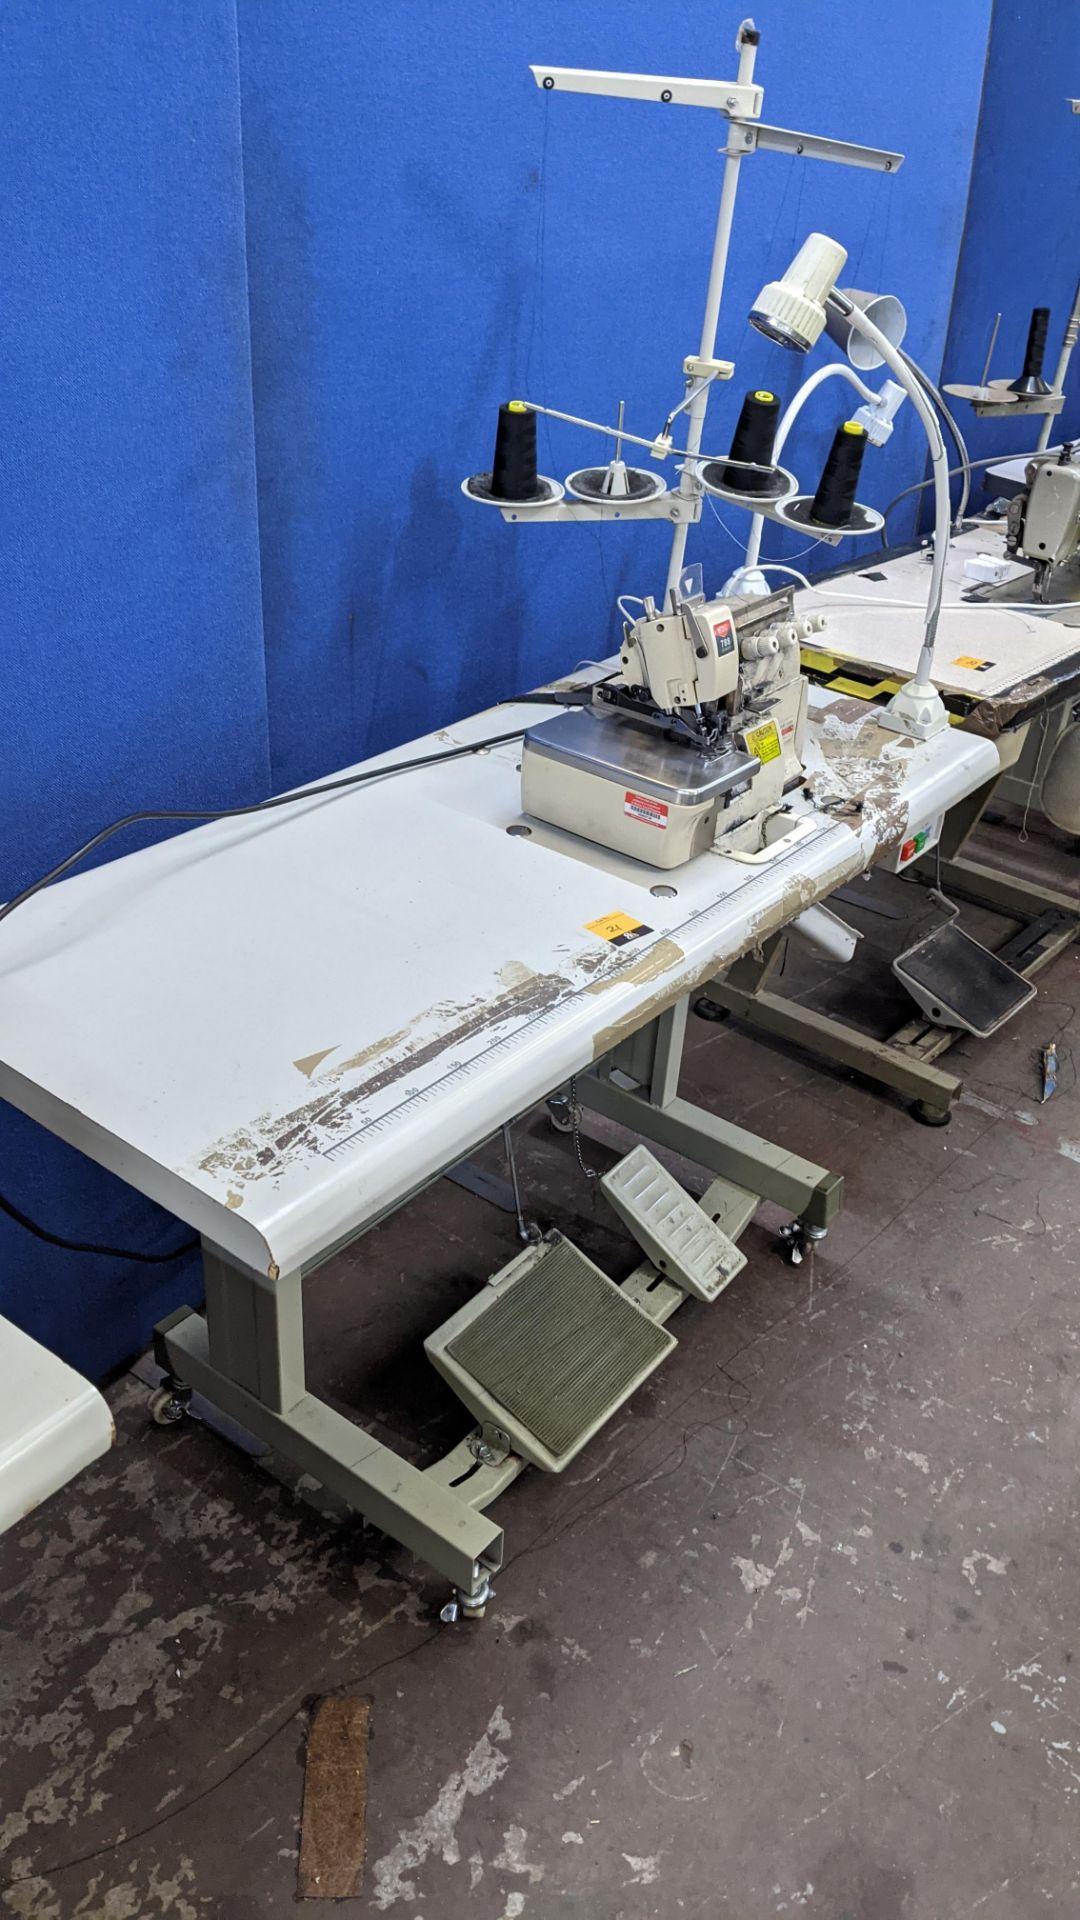 Yingon 788 series overlocker model YG788-4-13 - Image 16 of 16